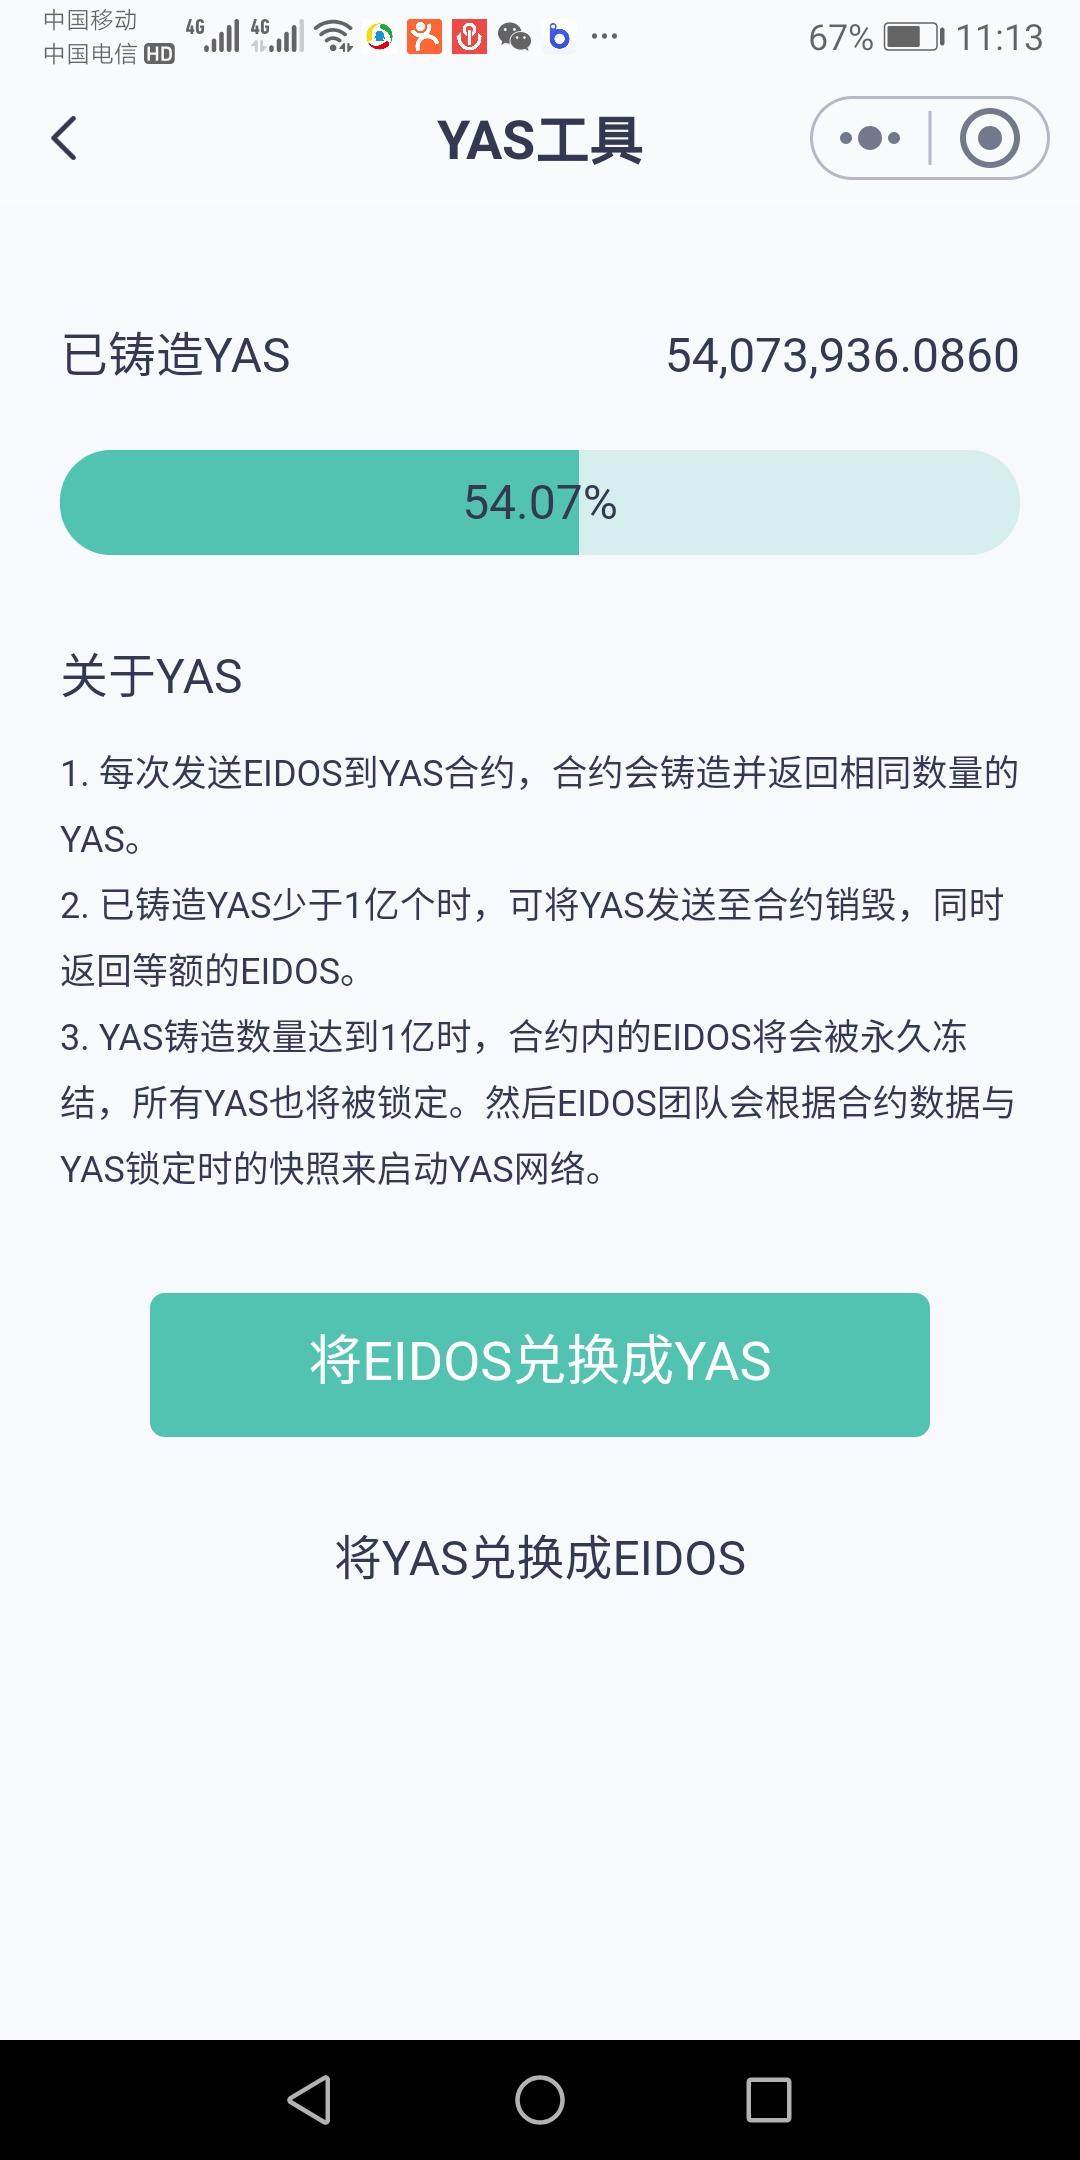 椰子(YAS)主网上线后,eidos的价值该何去何从?